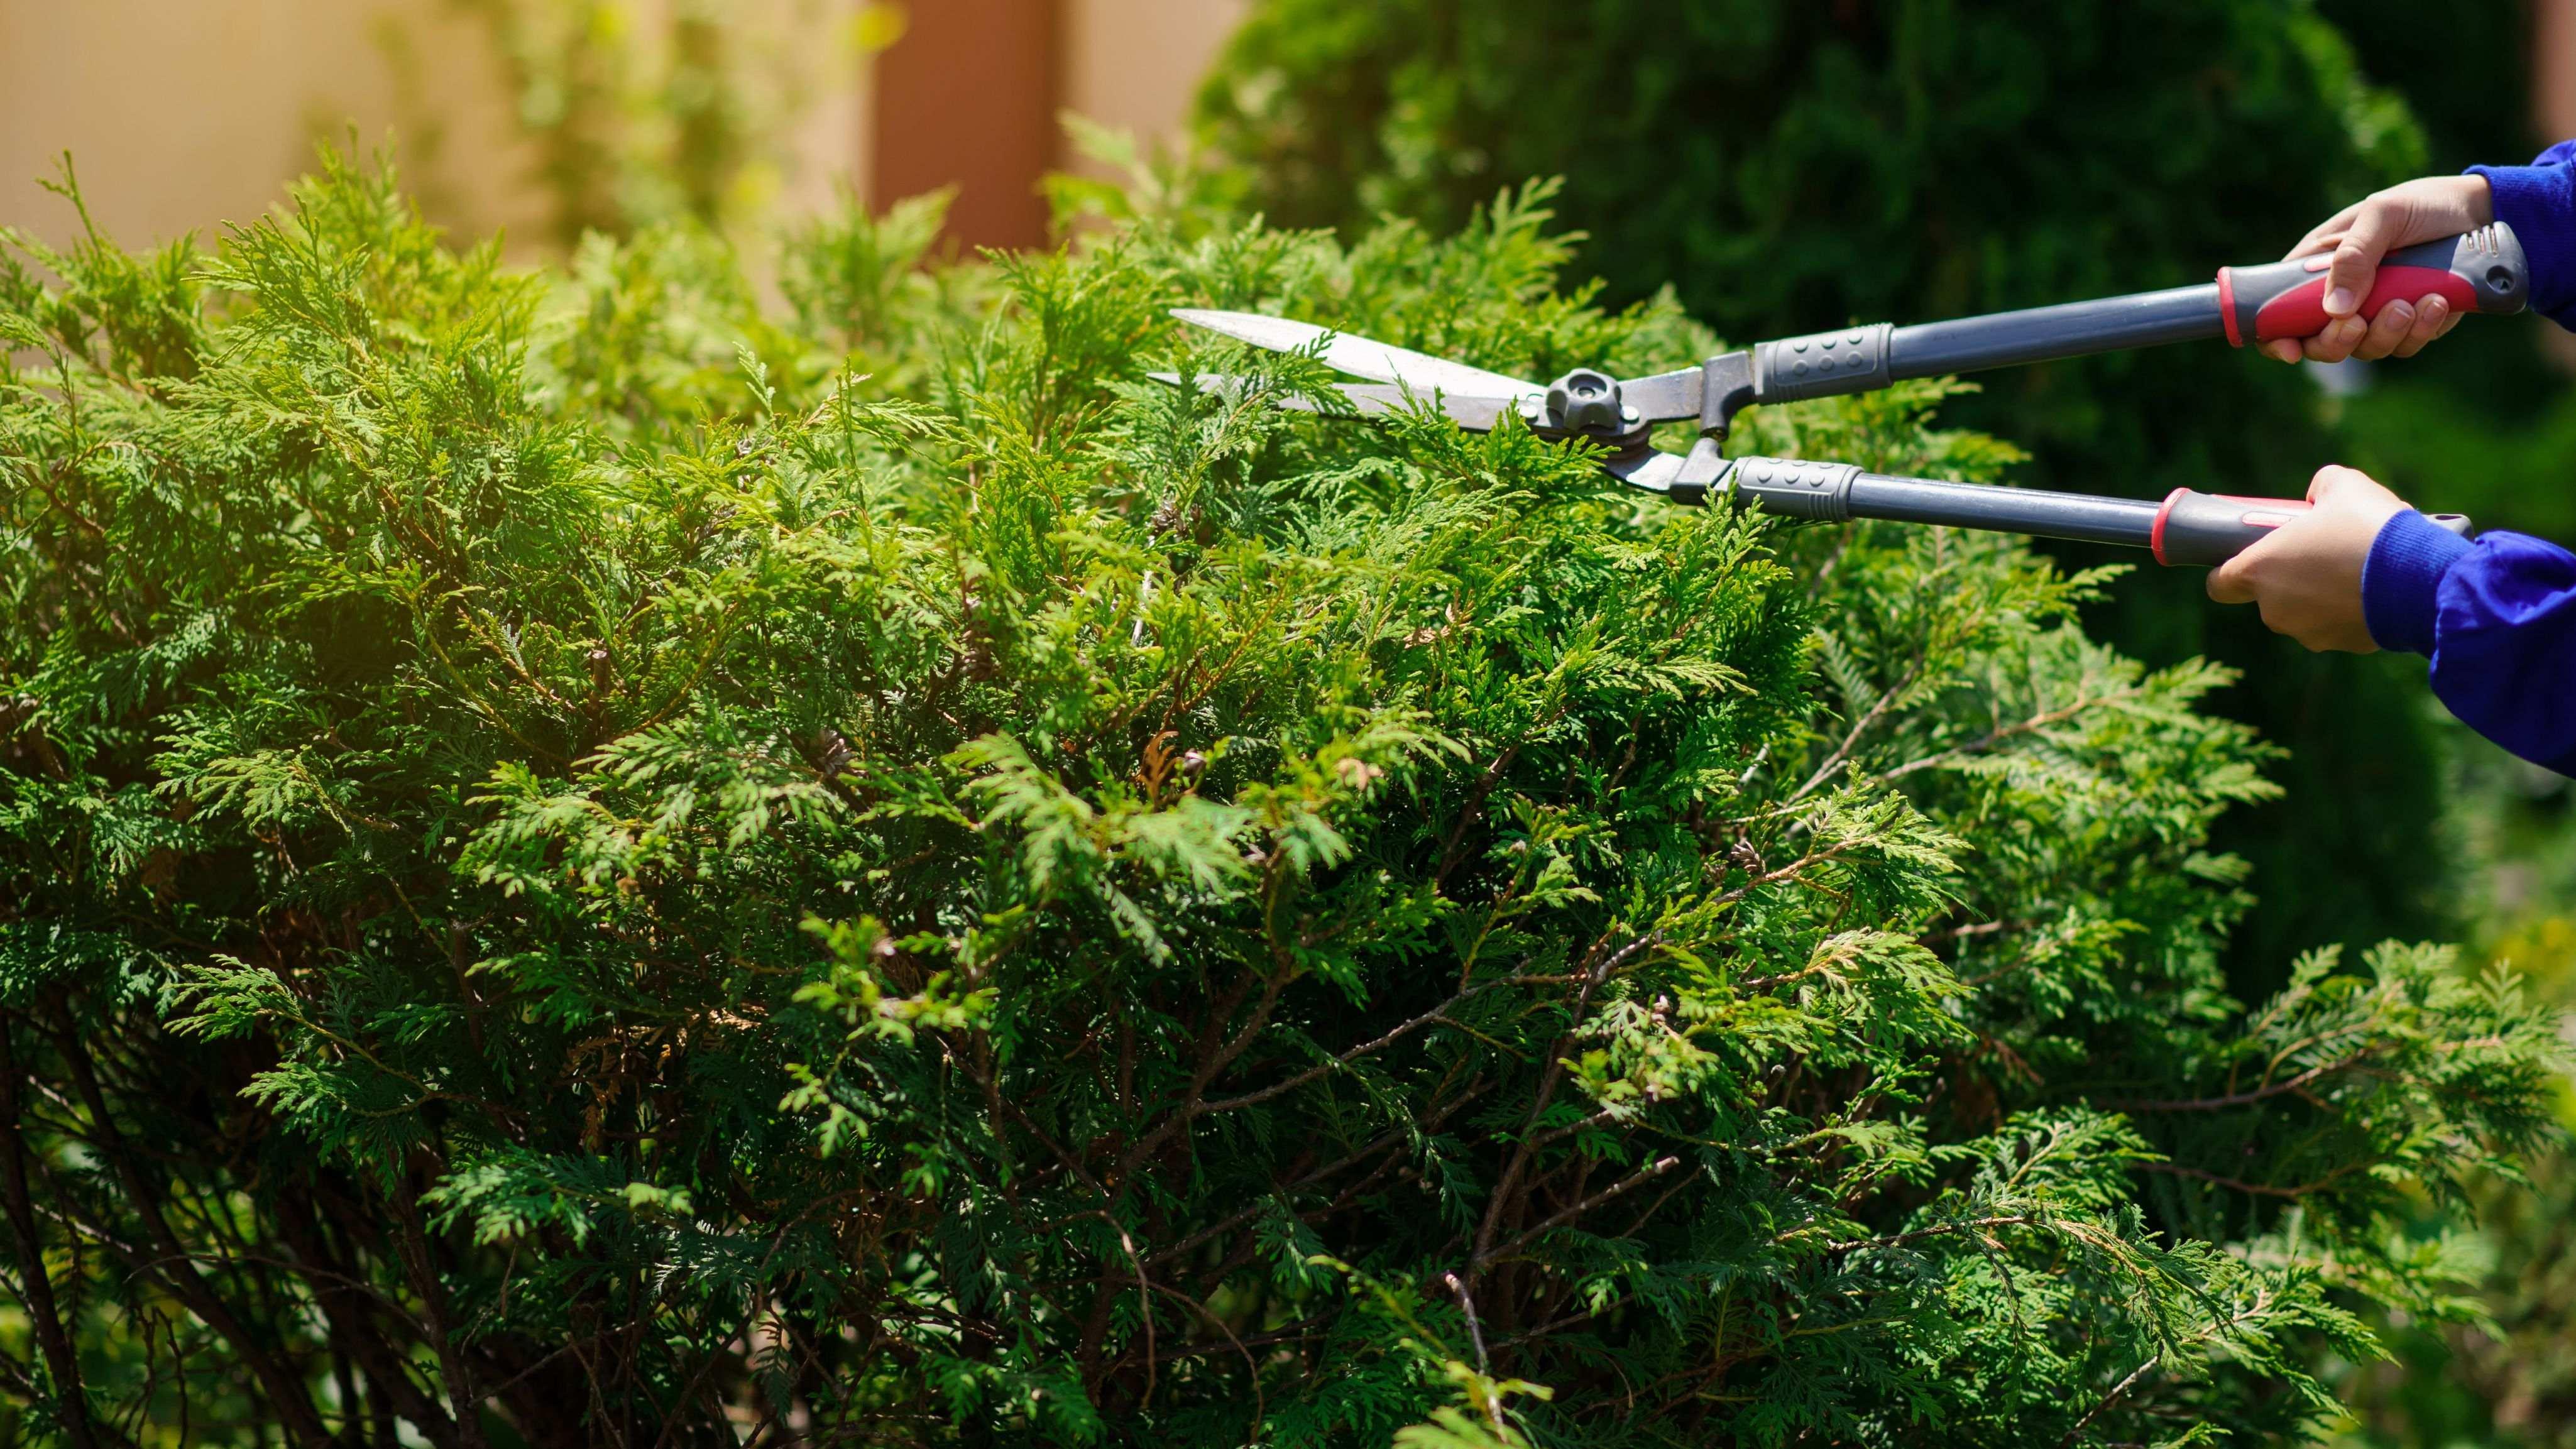 How to trim a hedge